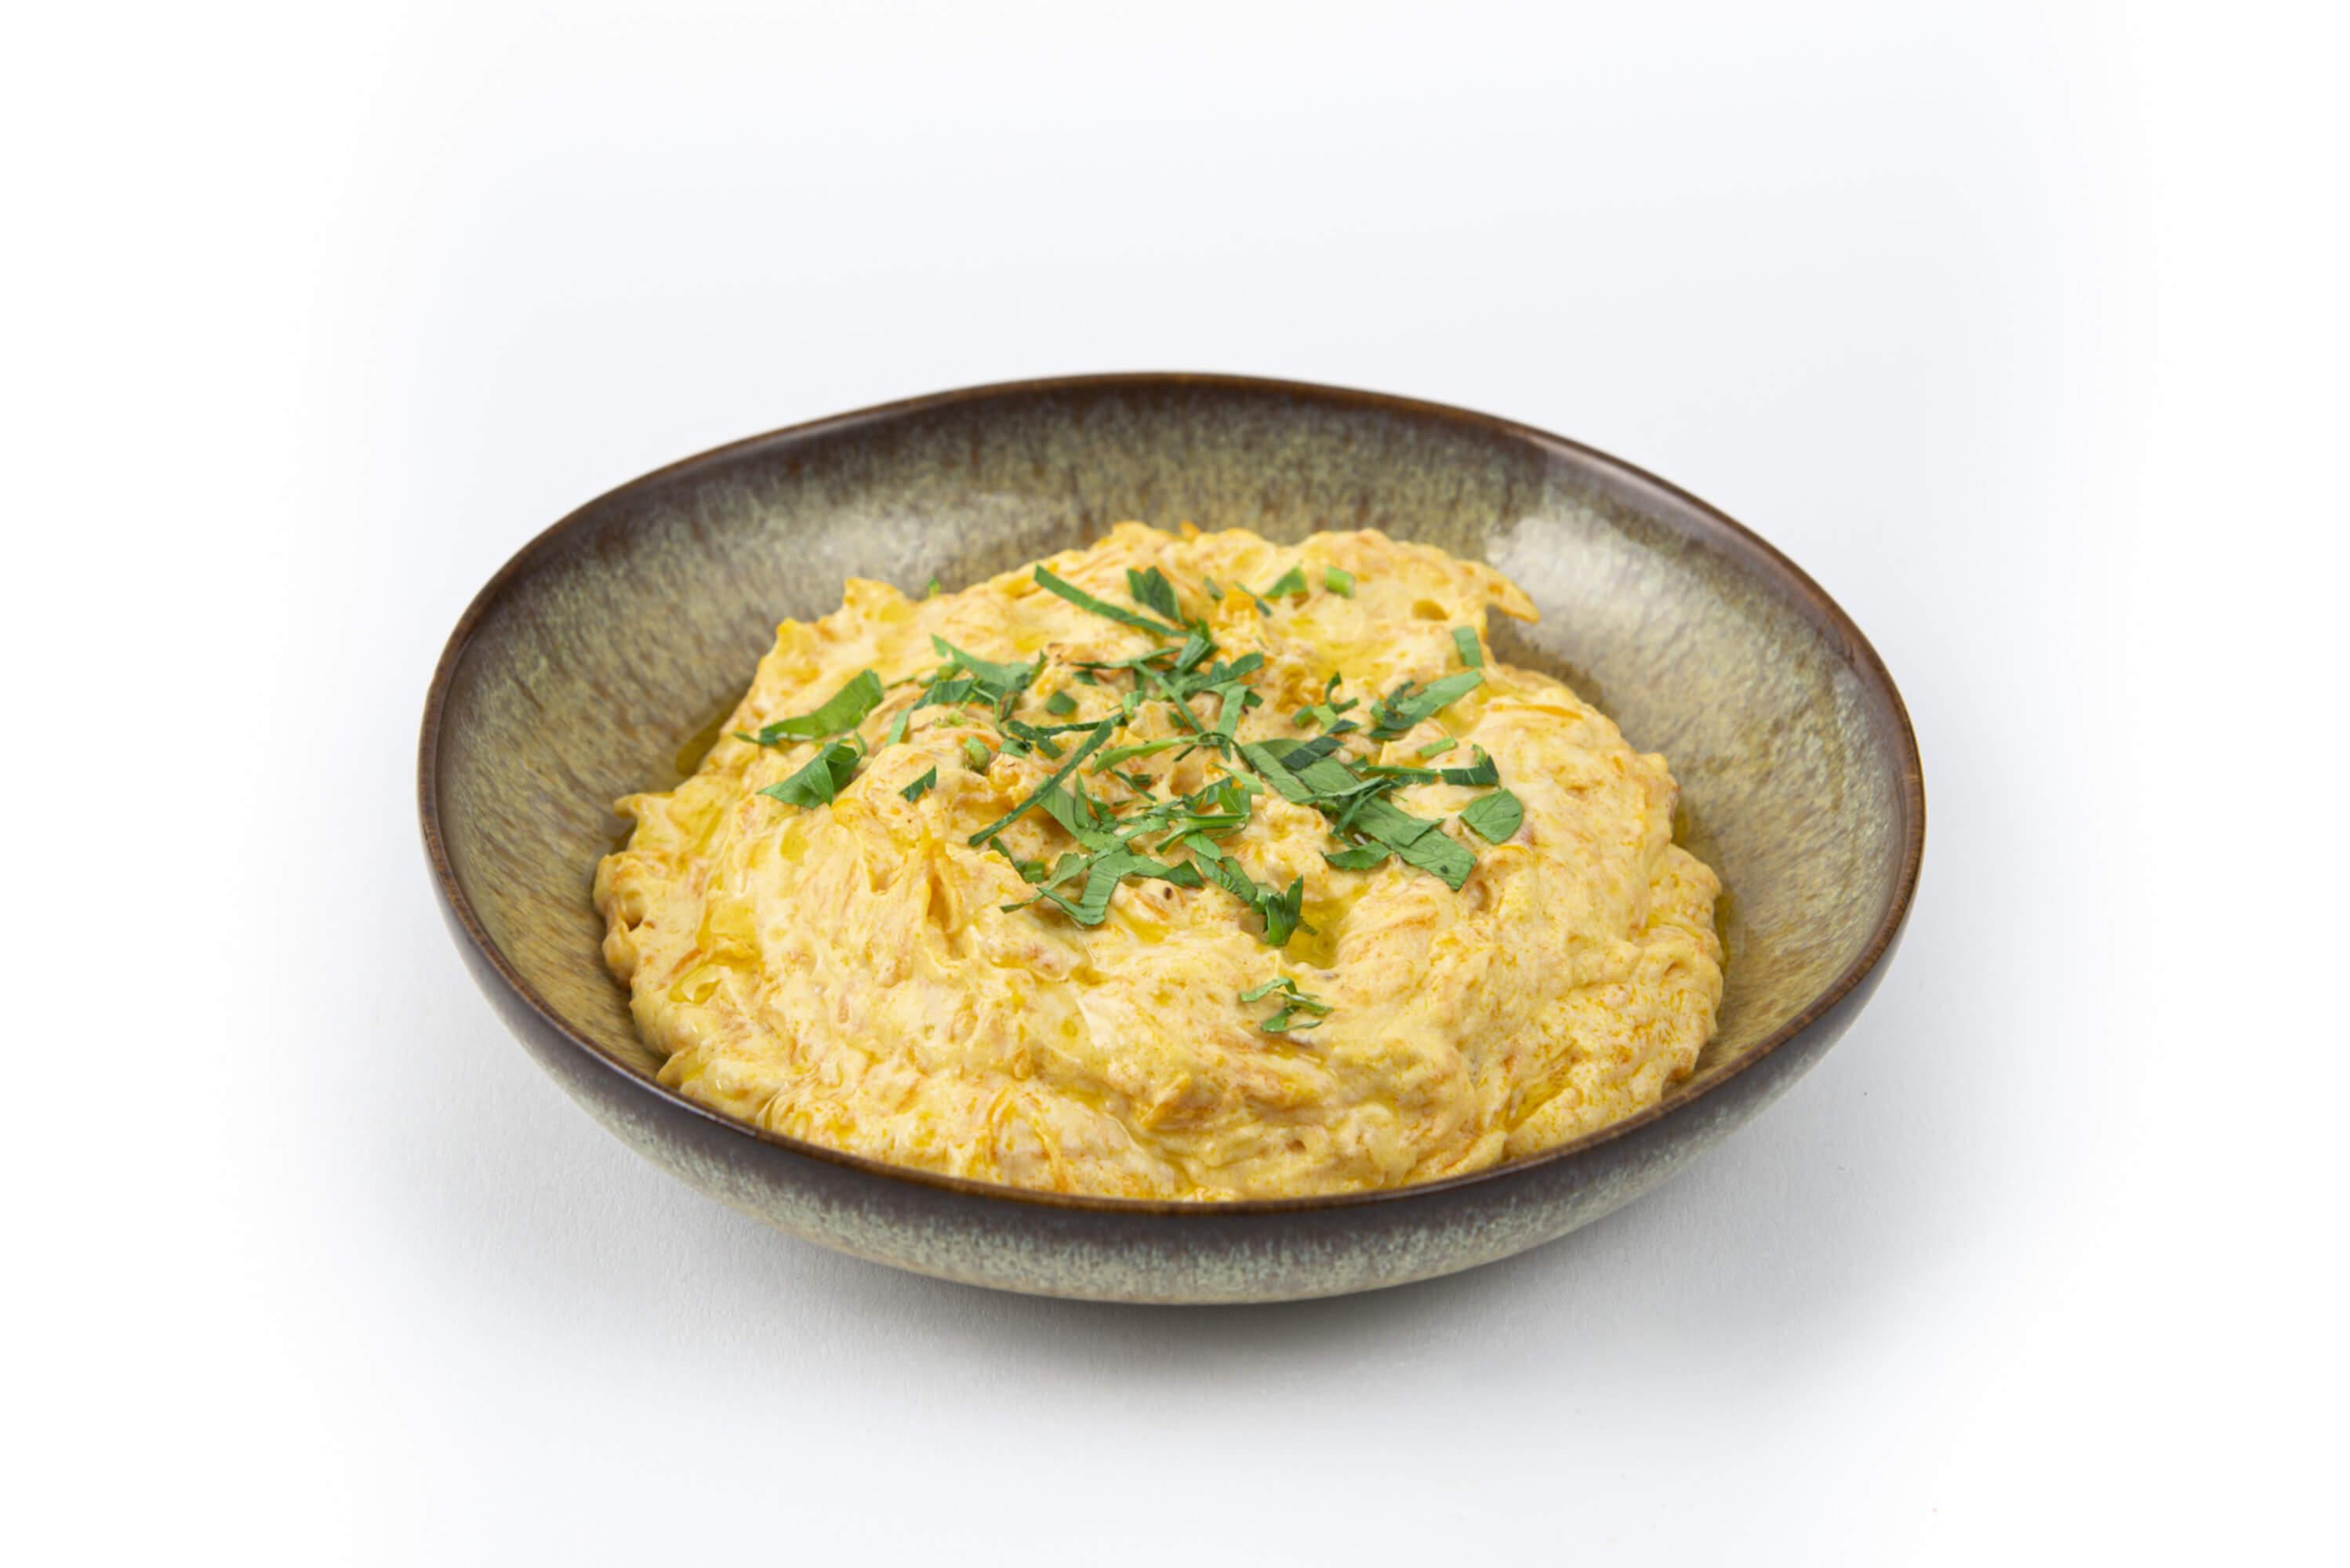 Karotte in Joghurt mit Walnüssen in einer Schale